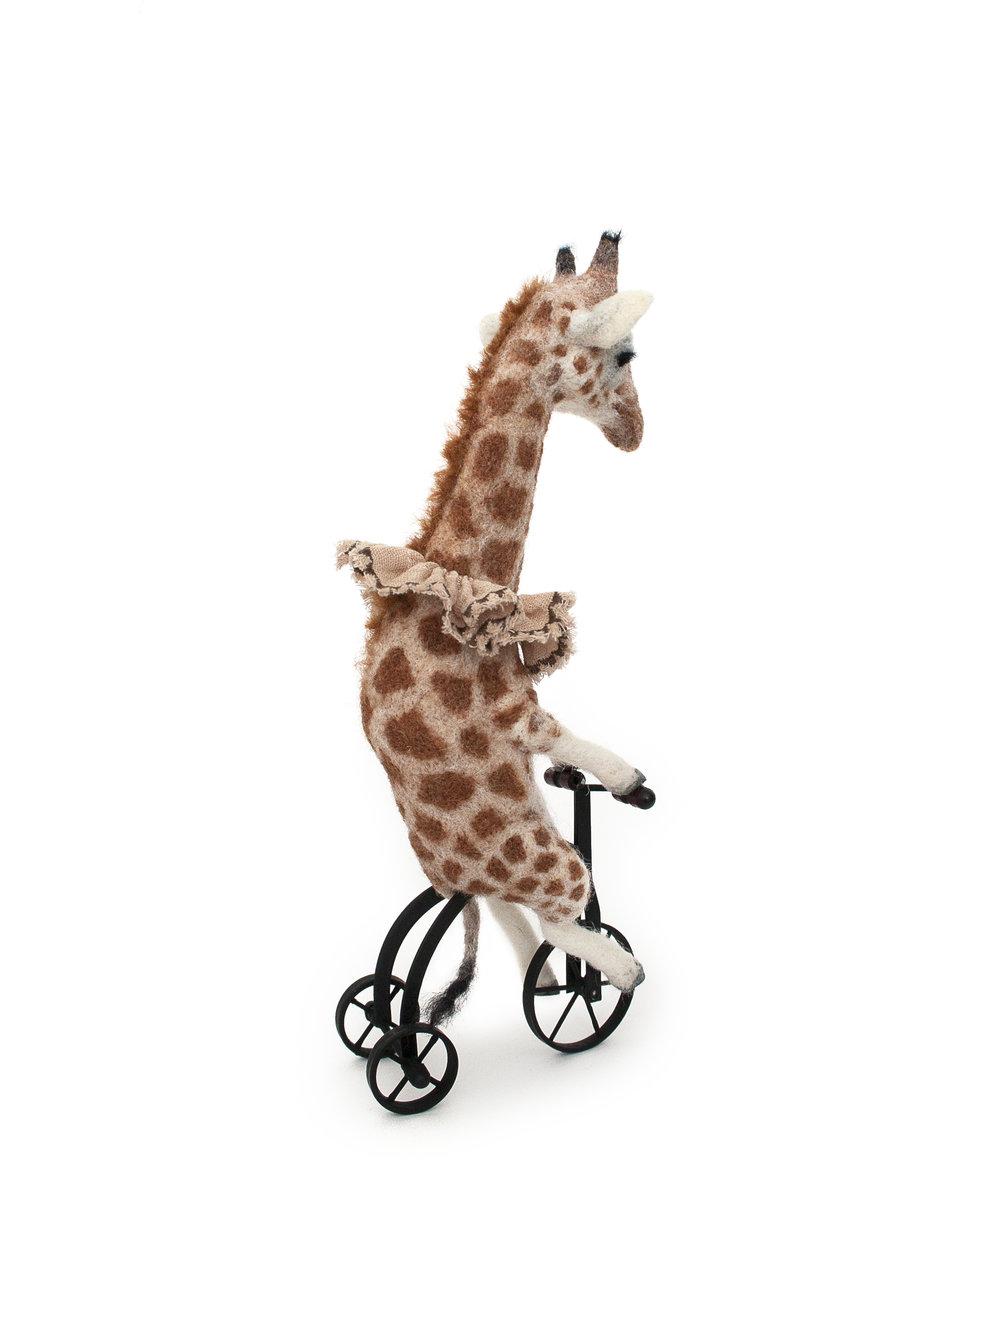 giraffe-sculpture.jpg